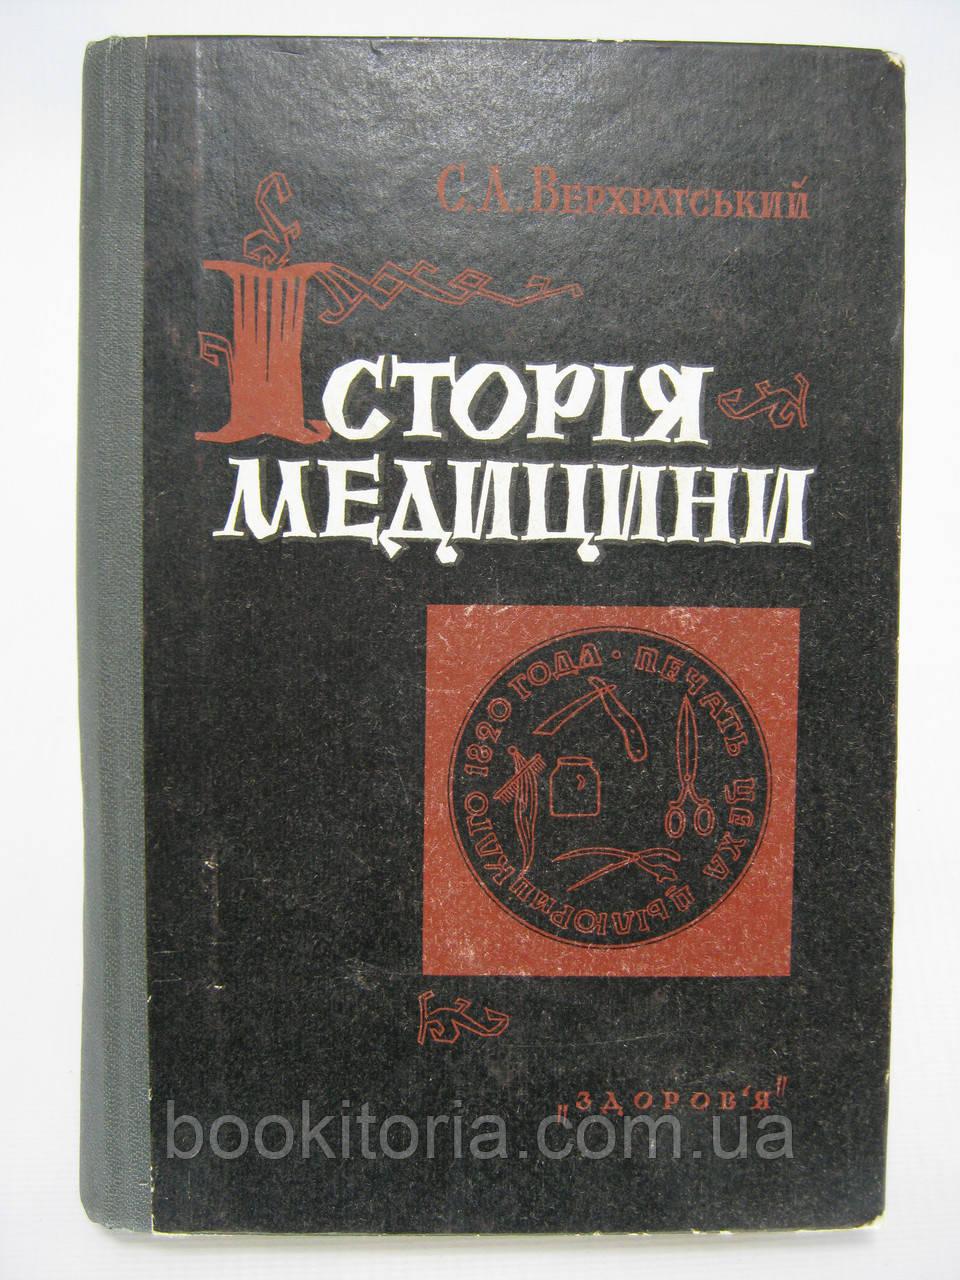 Верхратський С.А. Історія медицини (б/у).